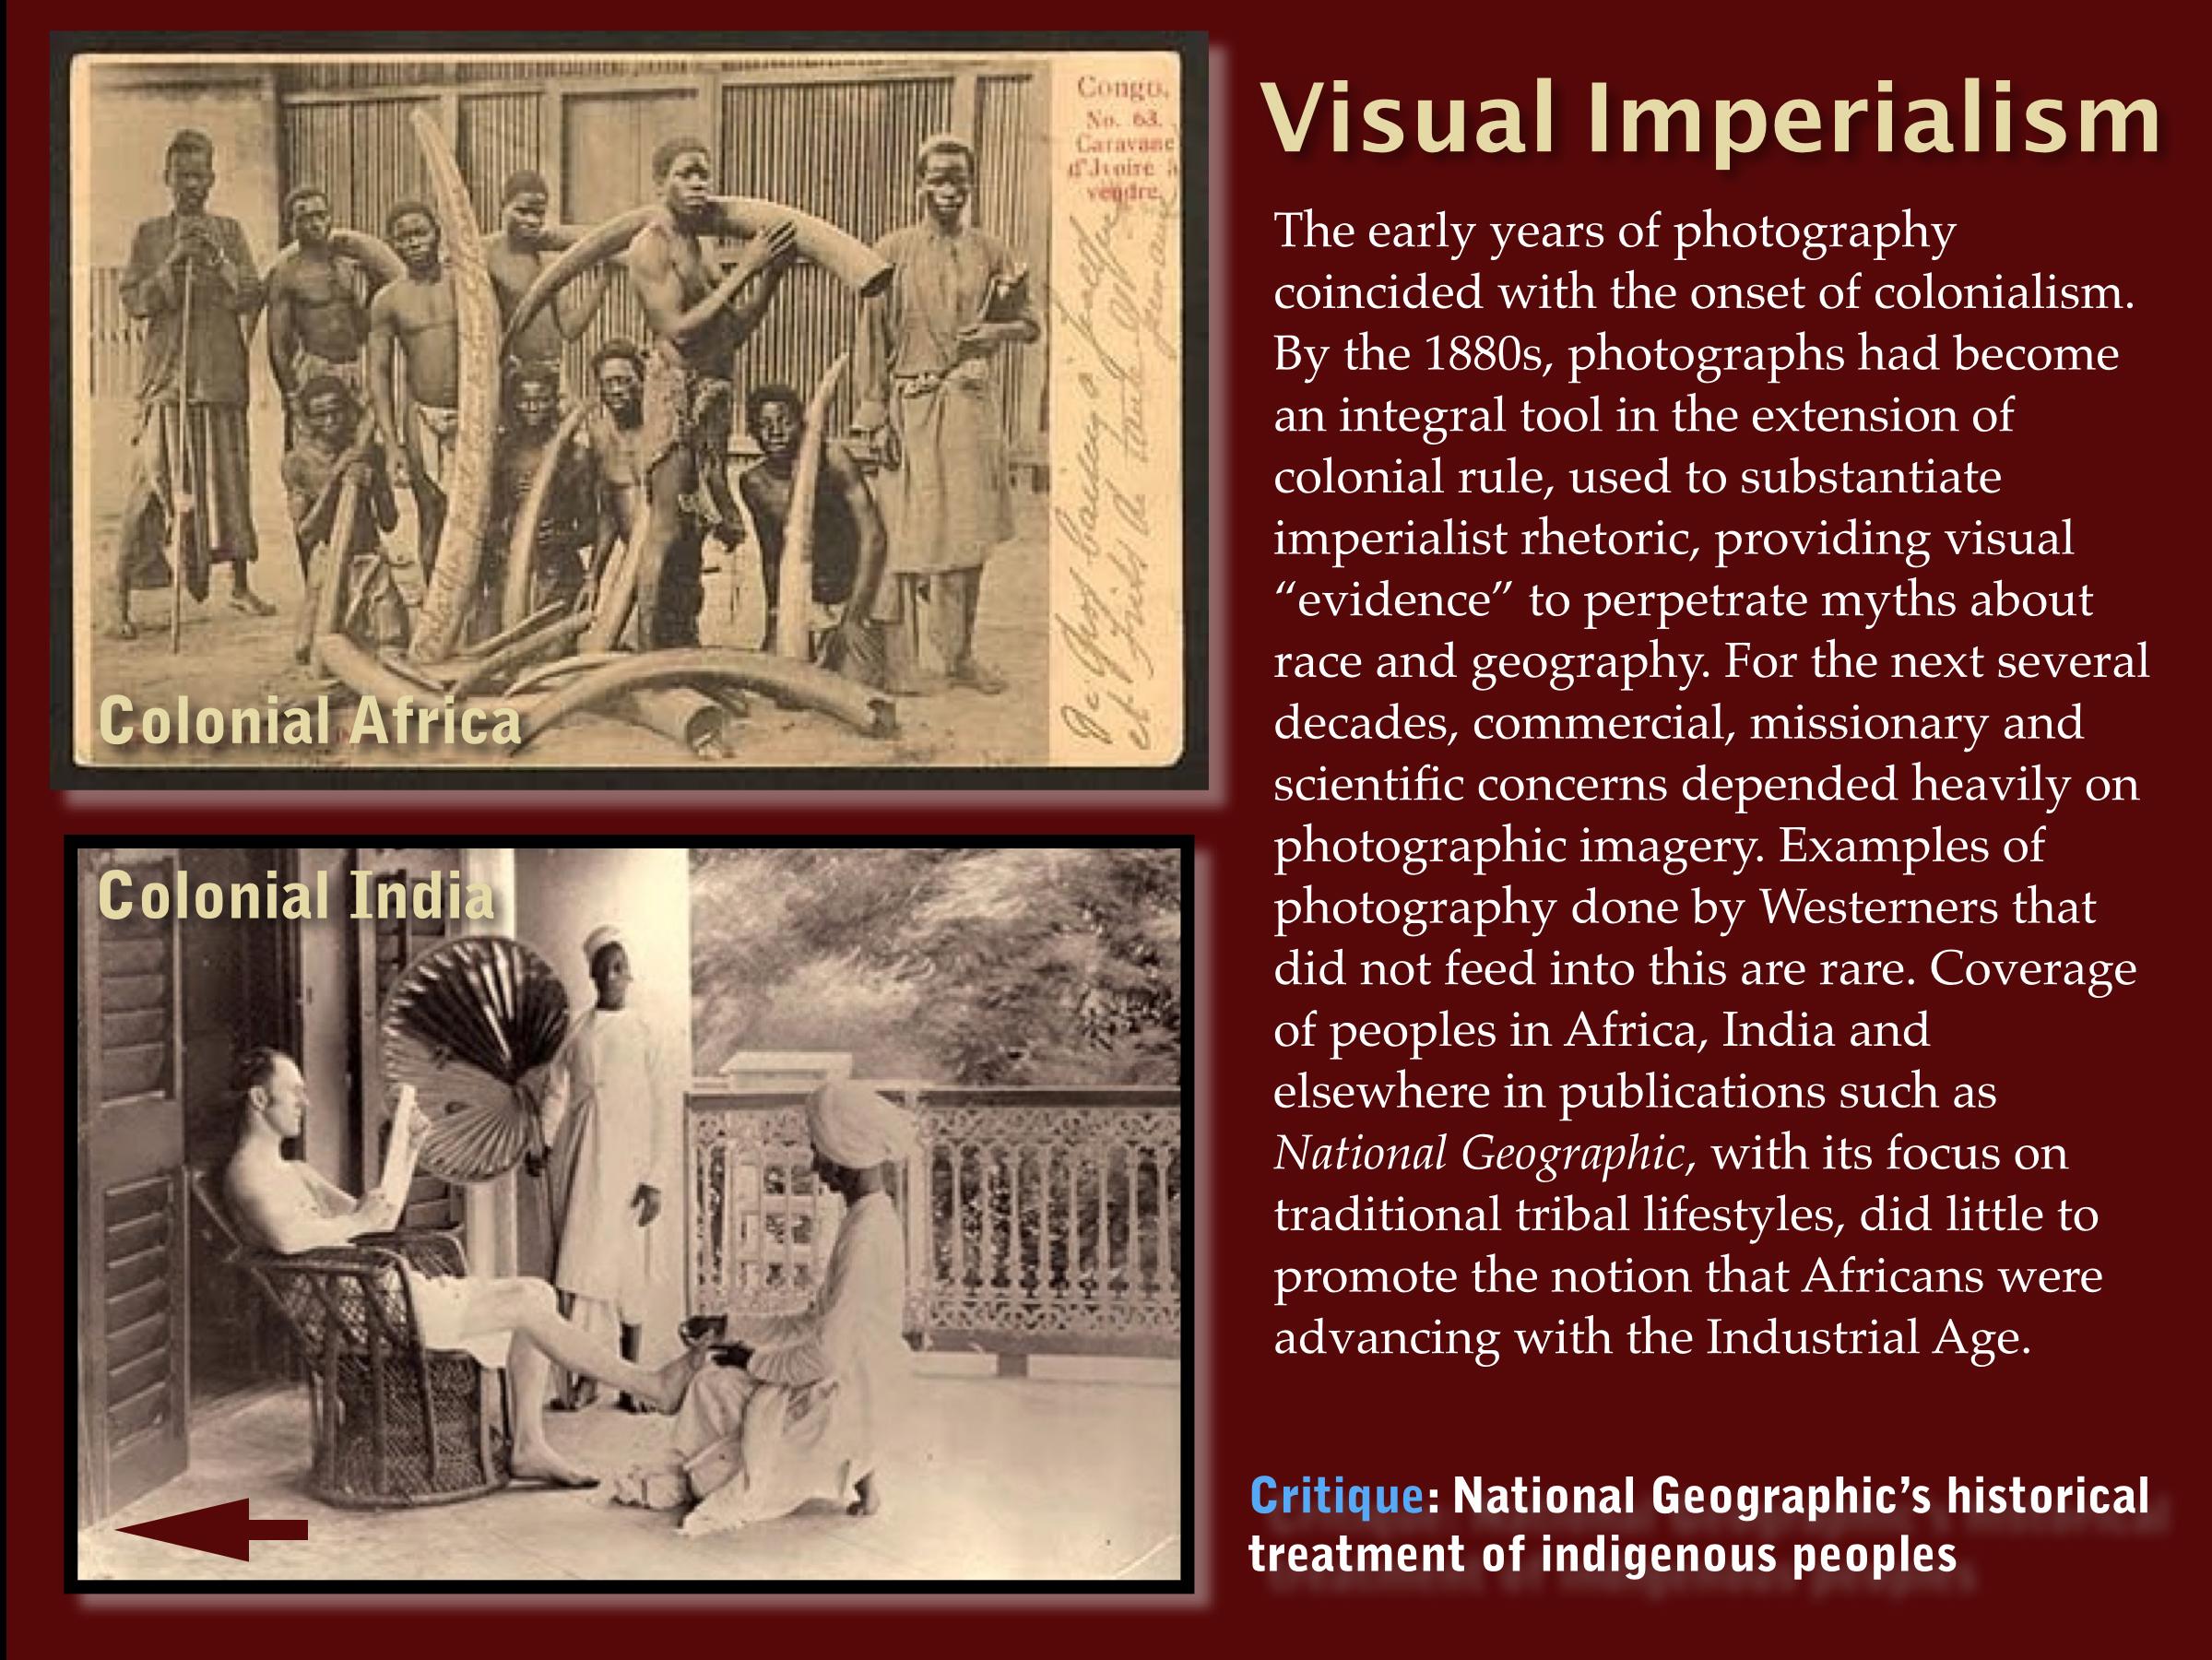 VISUAL IMPERIALISM2.jpg